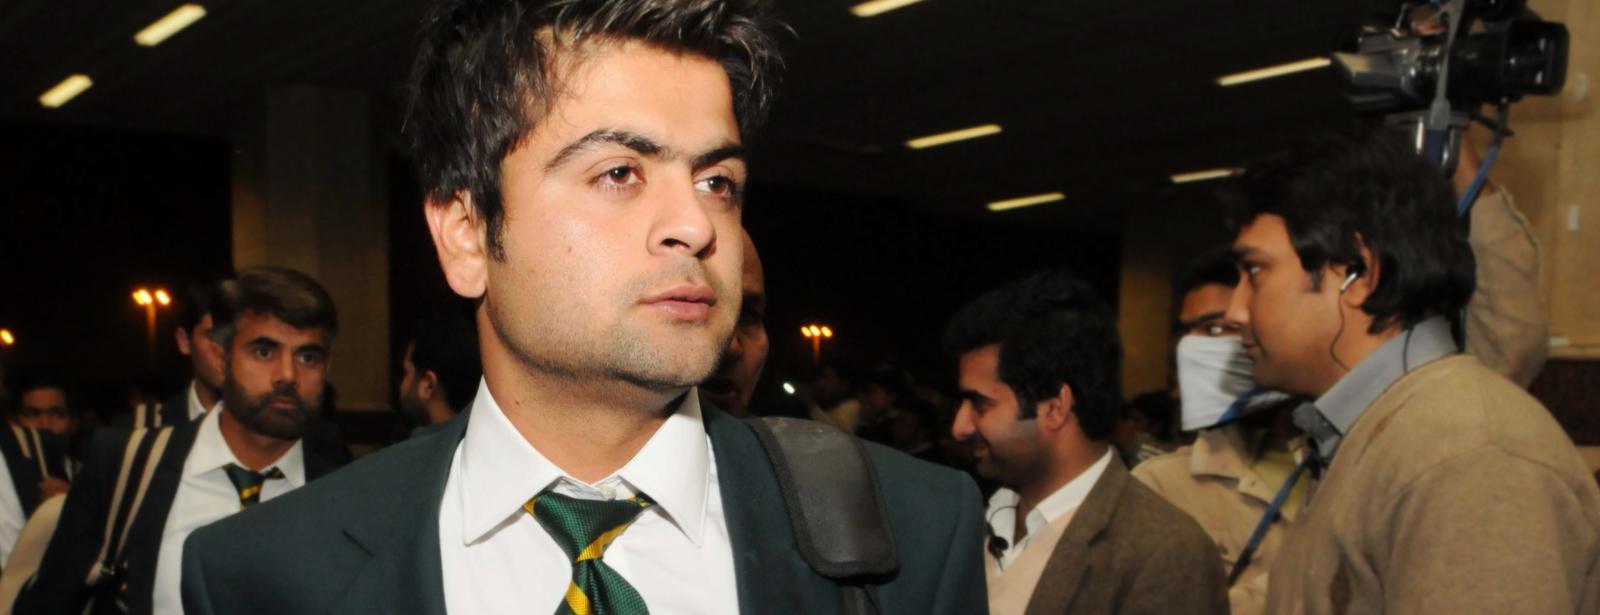 Ahmad Shahzad